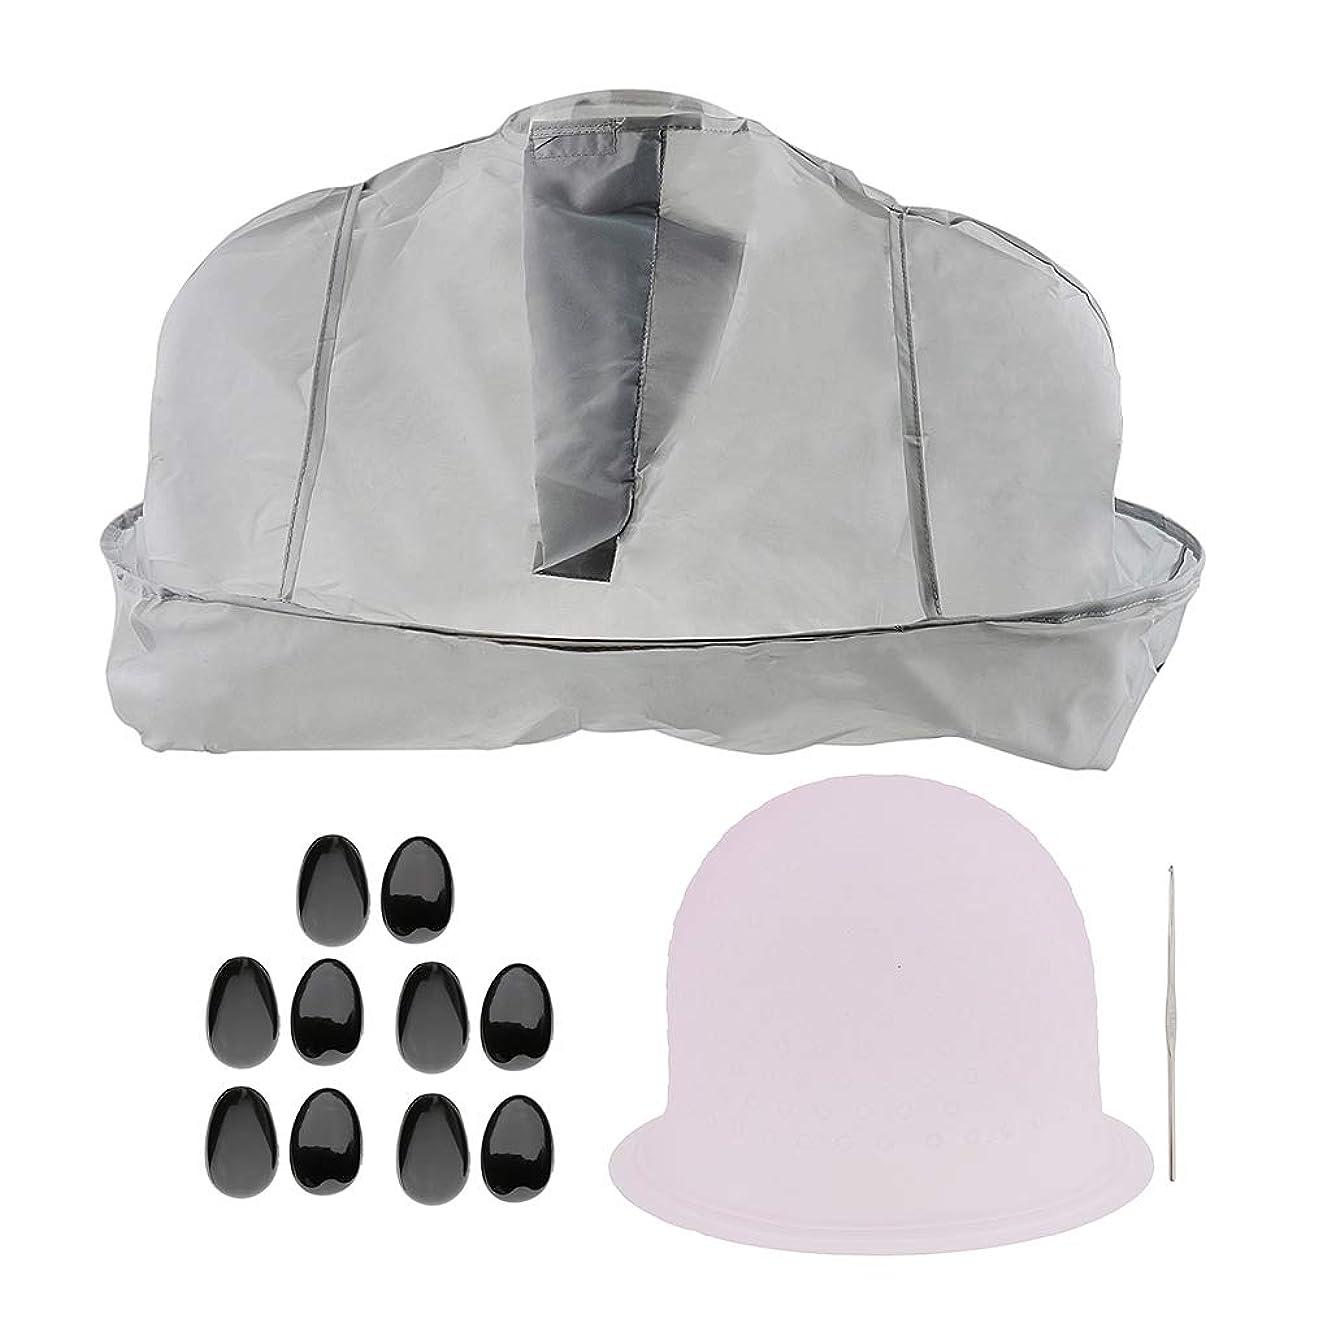 胃ダルセット労働者B Baosity ヘアサロン ヘアカラー 美容ケープ 帽子 キャップ 耳のカバー ヘアスタイリング おしゃれ染め